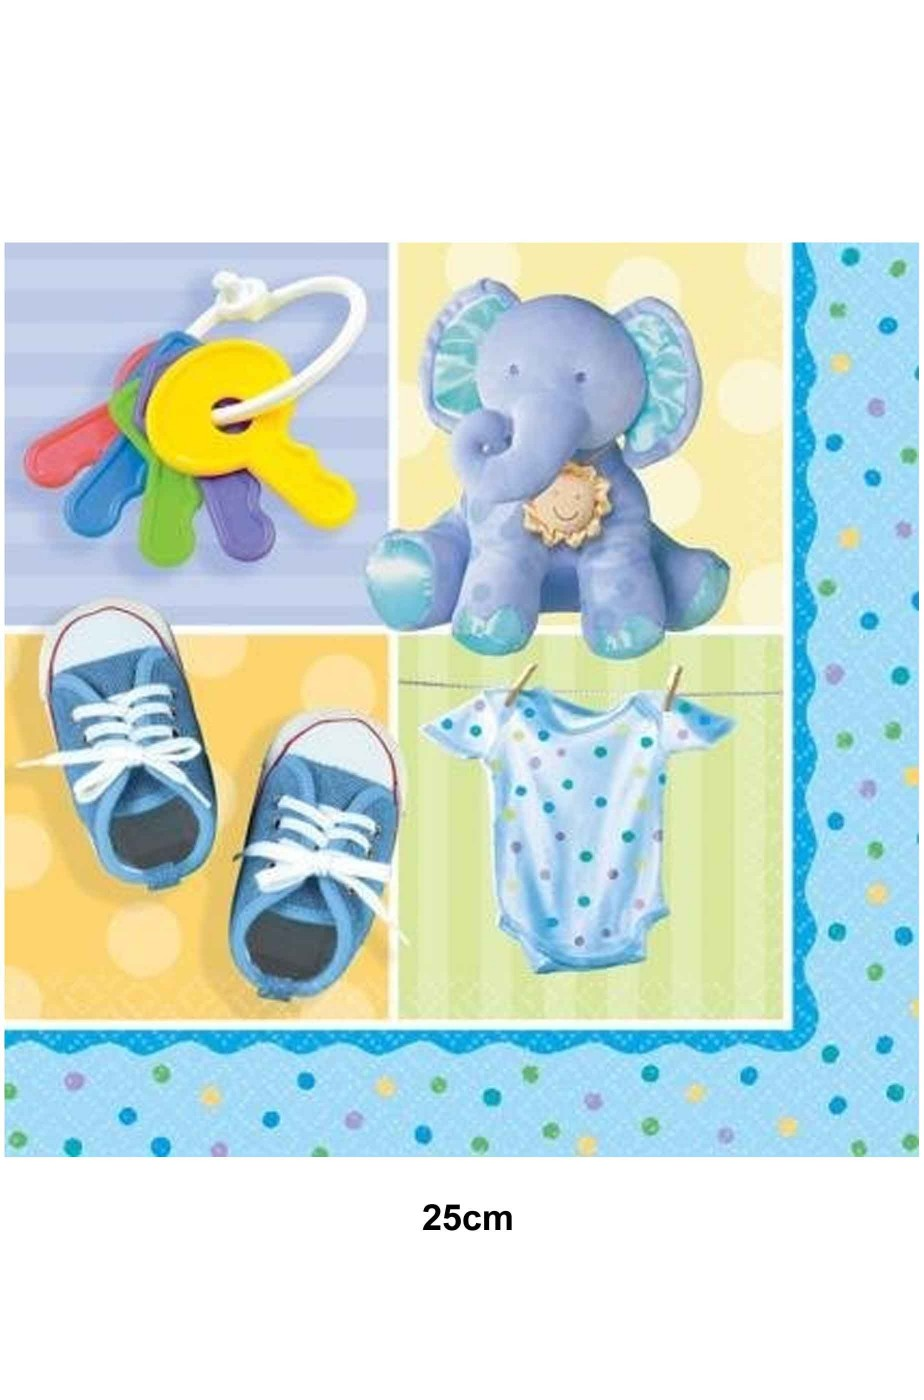 Tovaglioli di carta azzurri con elefantino per festa bimbo 25cm